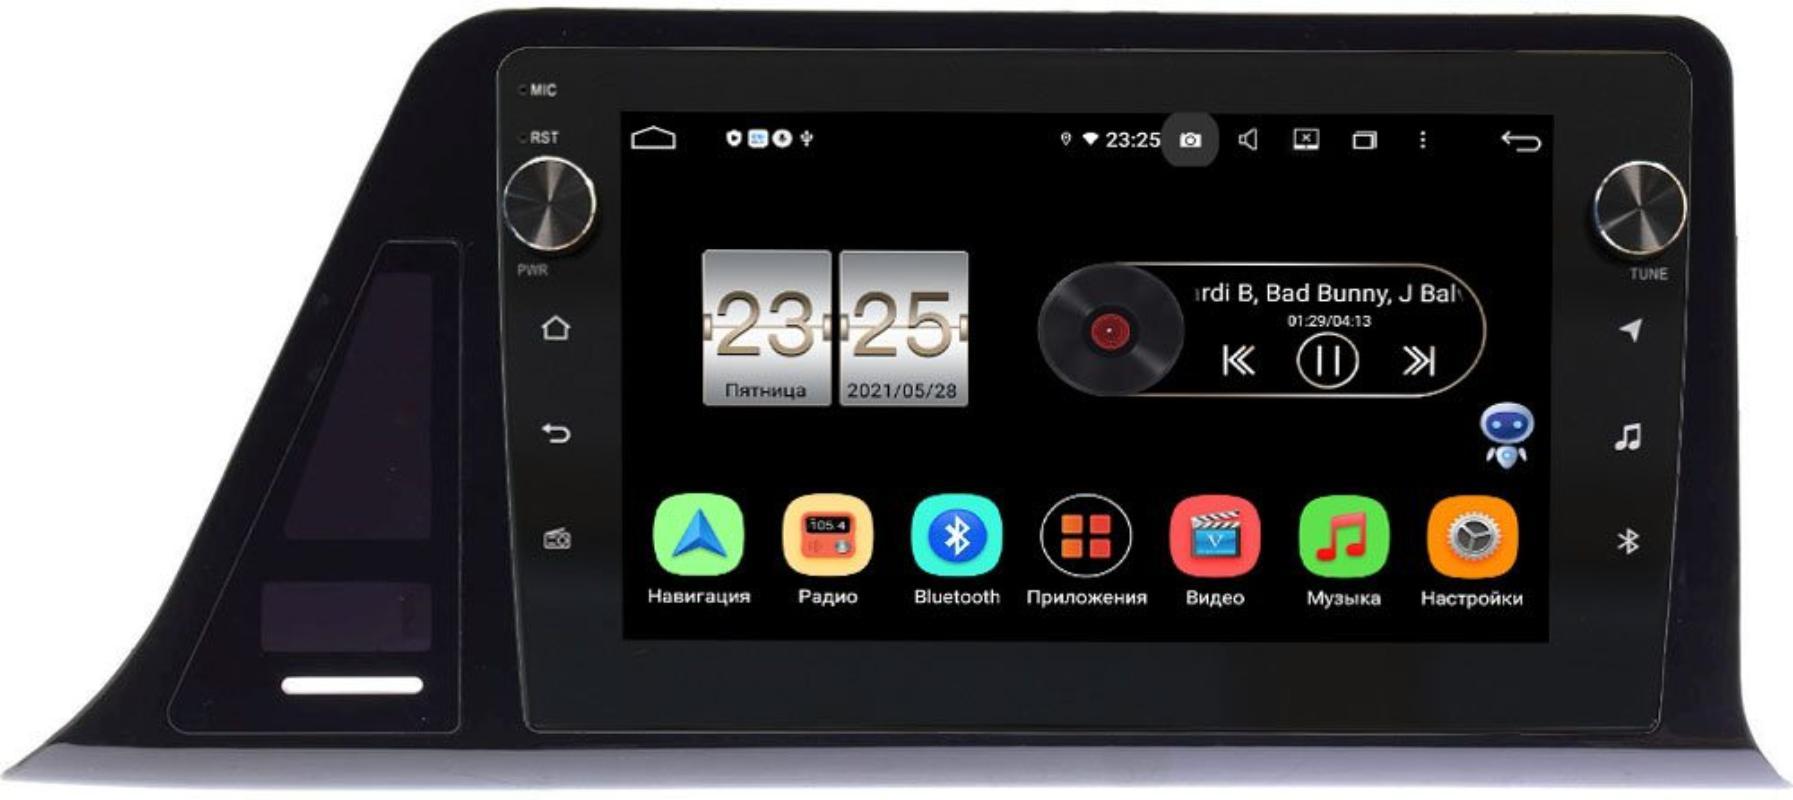 Штатная магнитола LeTrun BPX409-9400 для Toyota C-HR I 2016-2021 (правый руль)  на Android 10 (4/32, DSP, IPS, с голосовым ассистентом, с крутилками) (+ Камера заднего вида в подарок!)